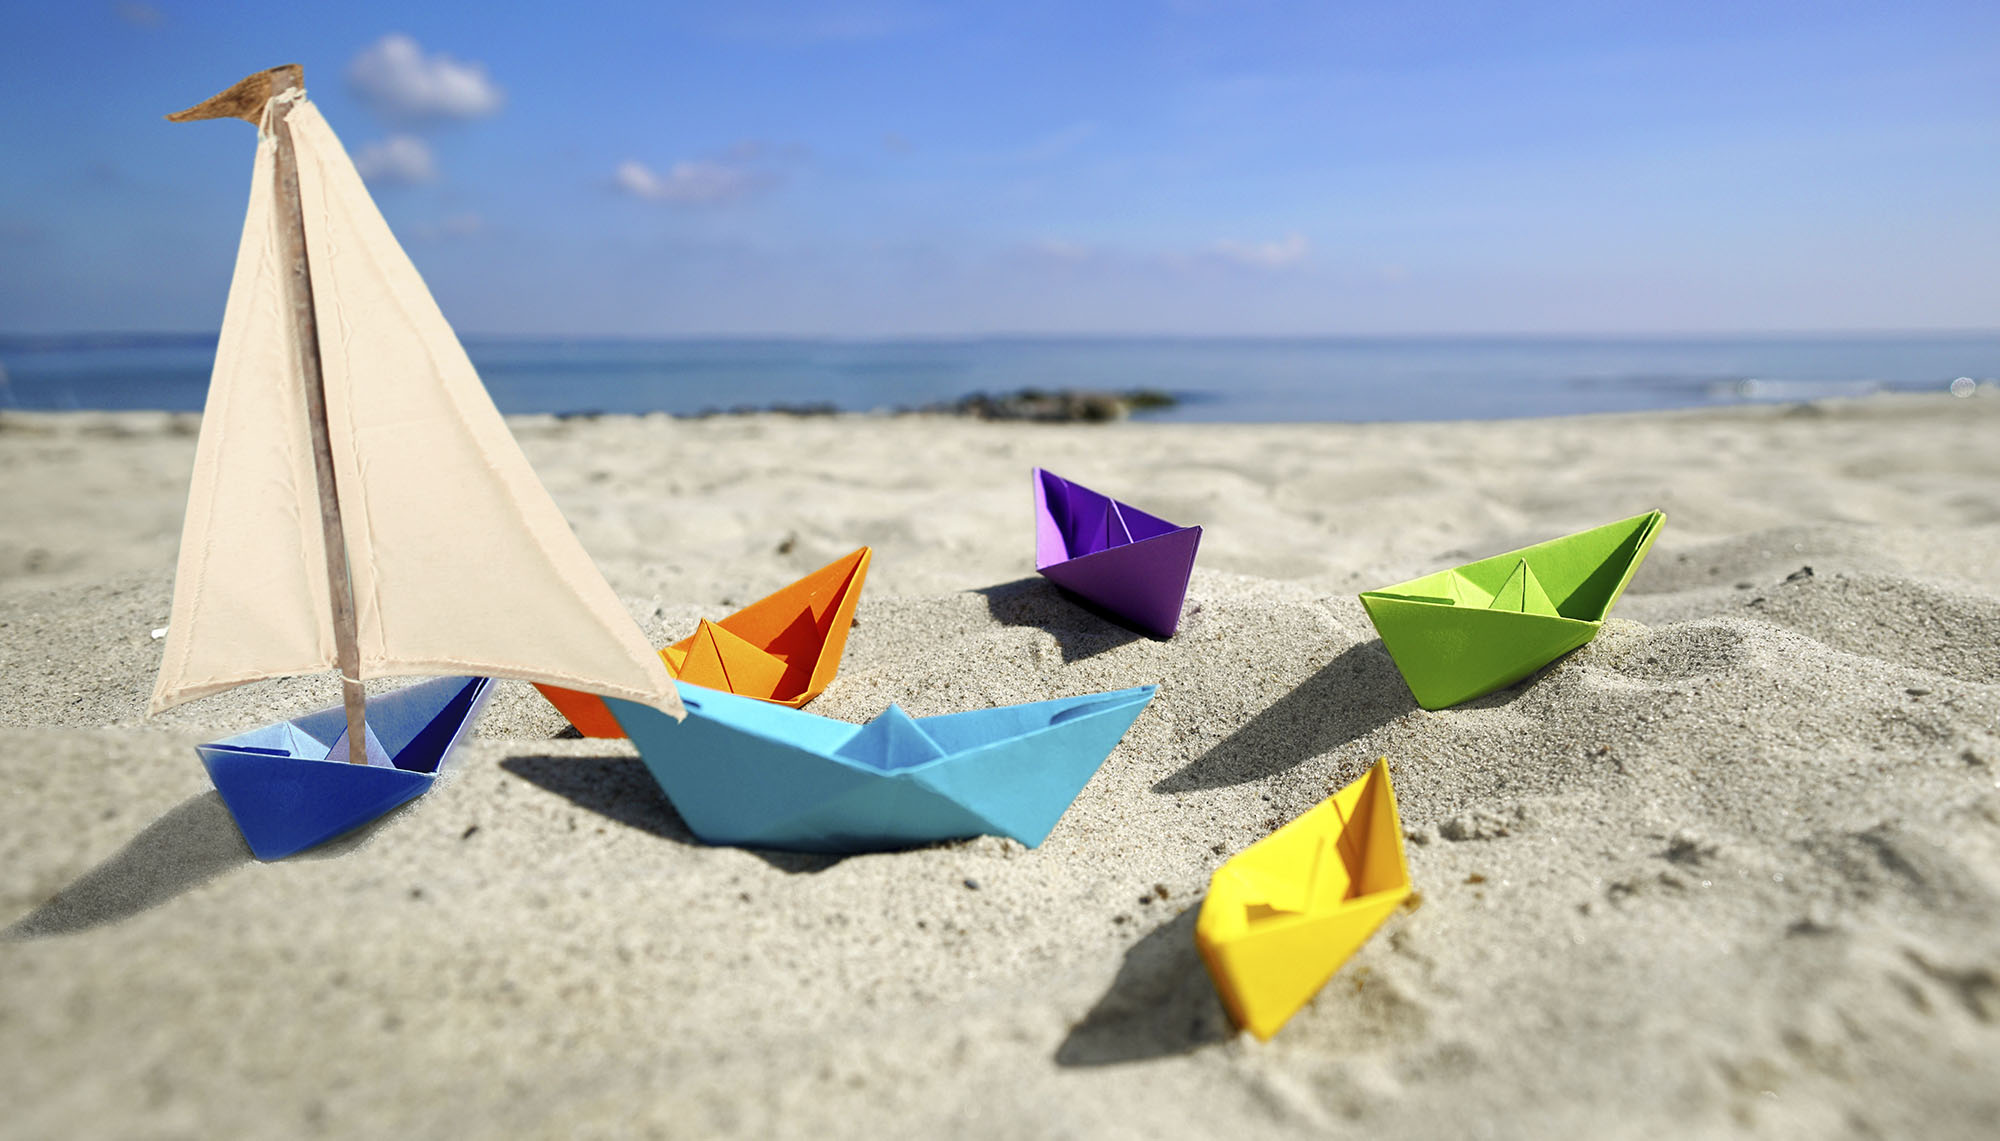 Viele bunte Boote als Sinnbild für Zufriedenheit im Familienalltag